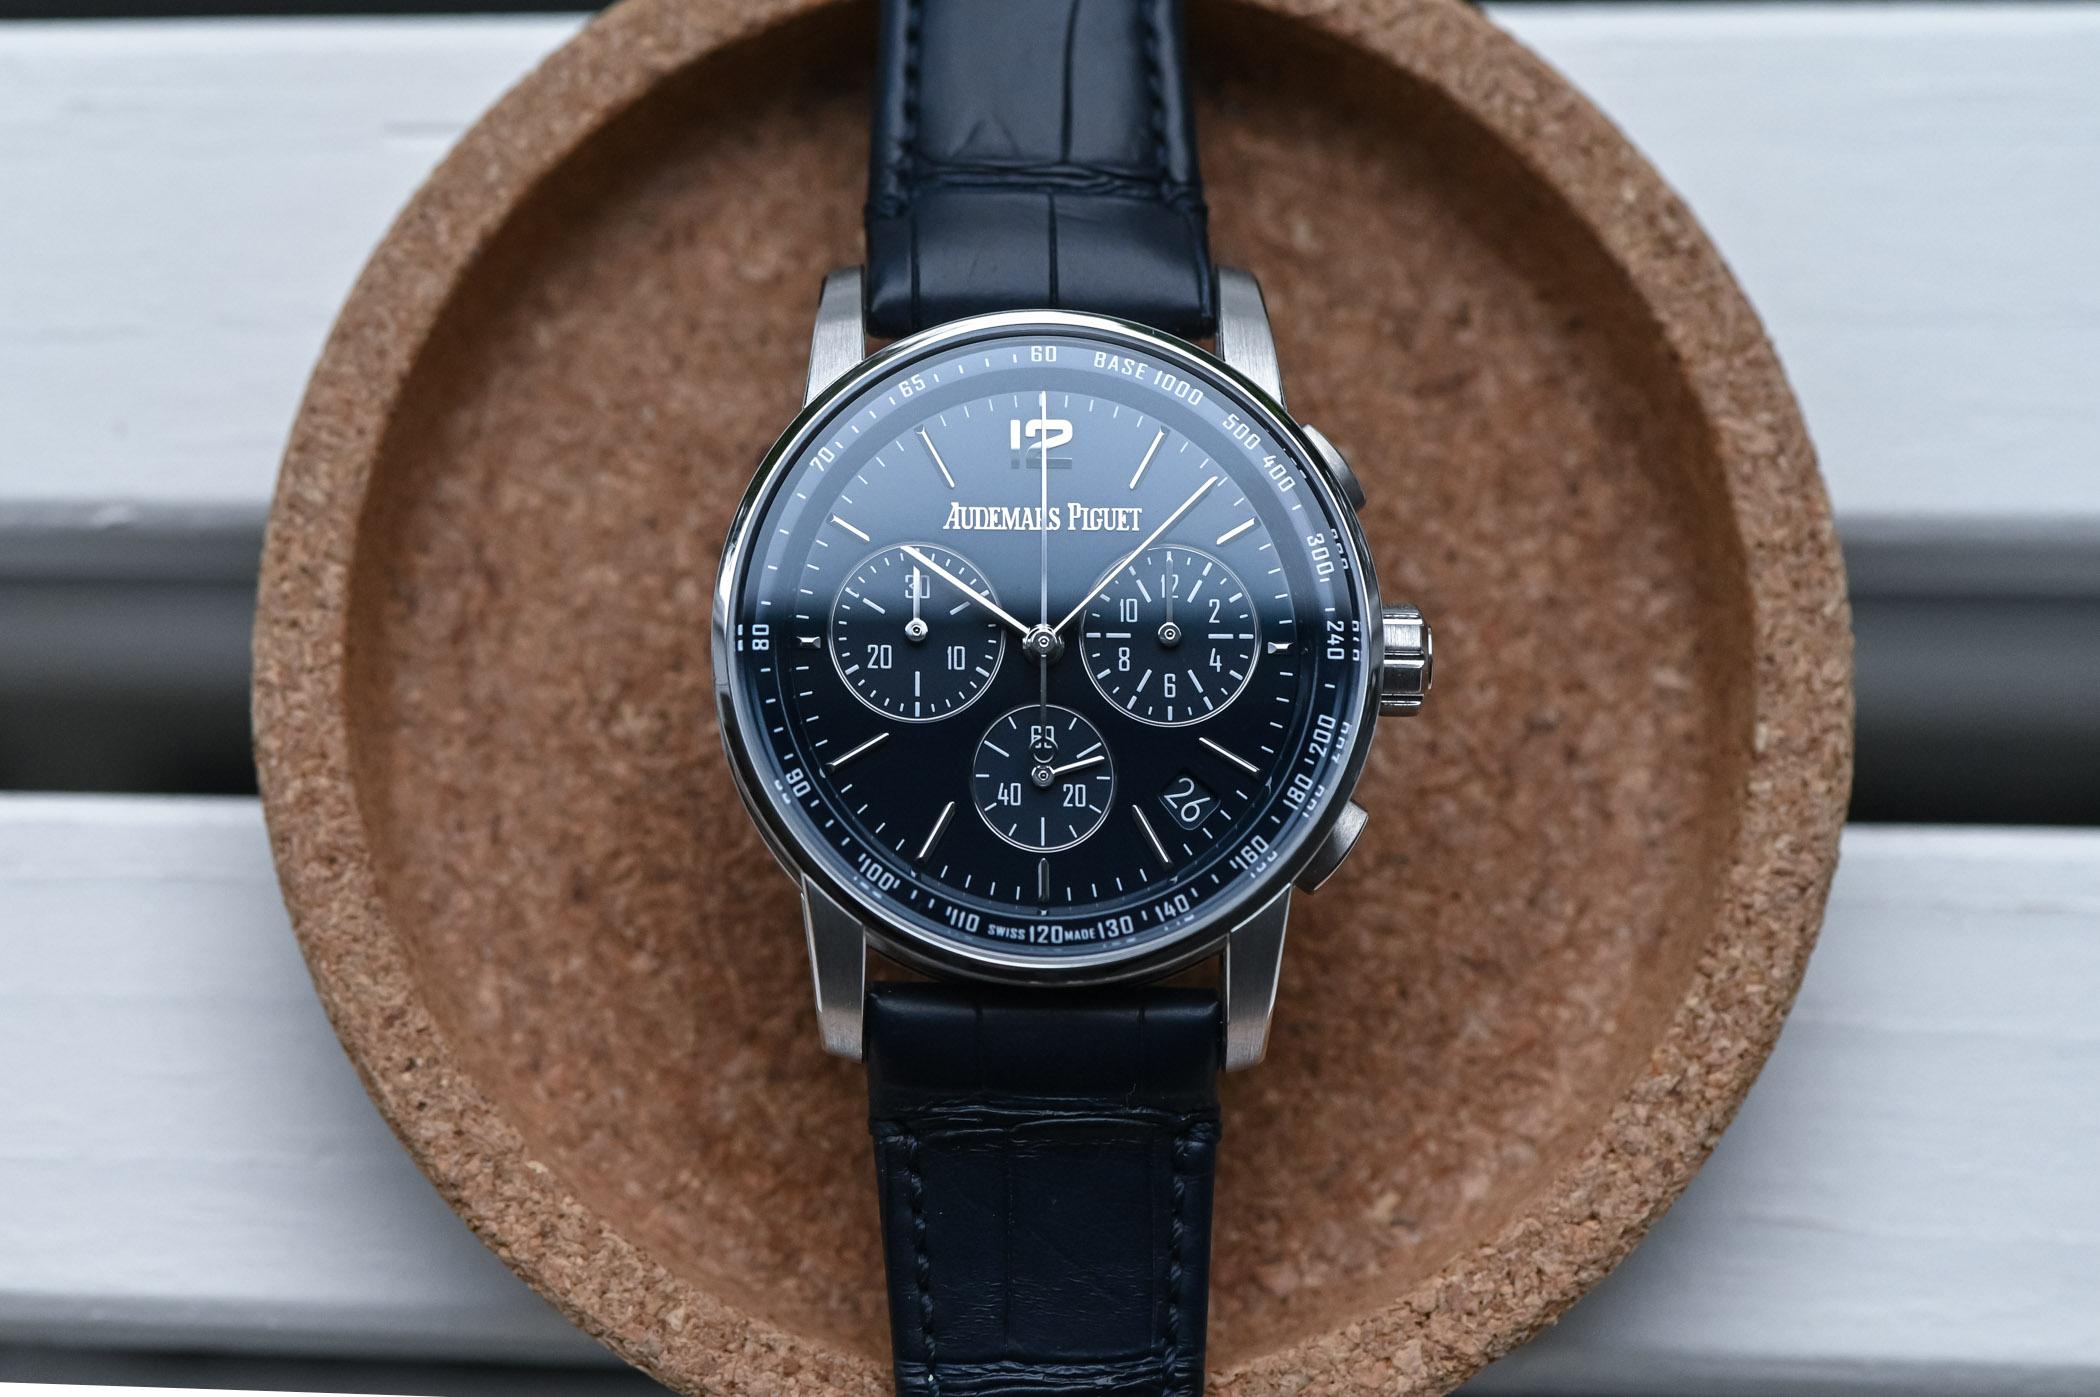 Code 11.59 by Audemars Piguet Selfwinding Chronograph Review